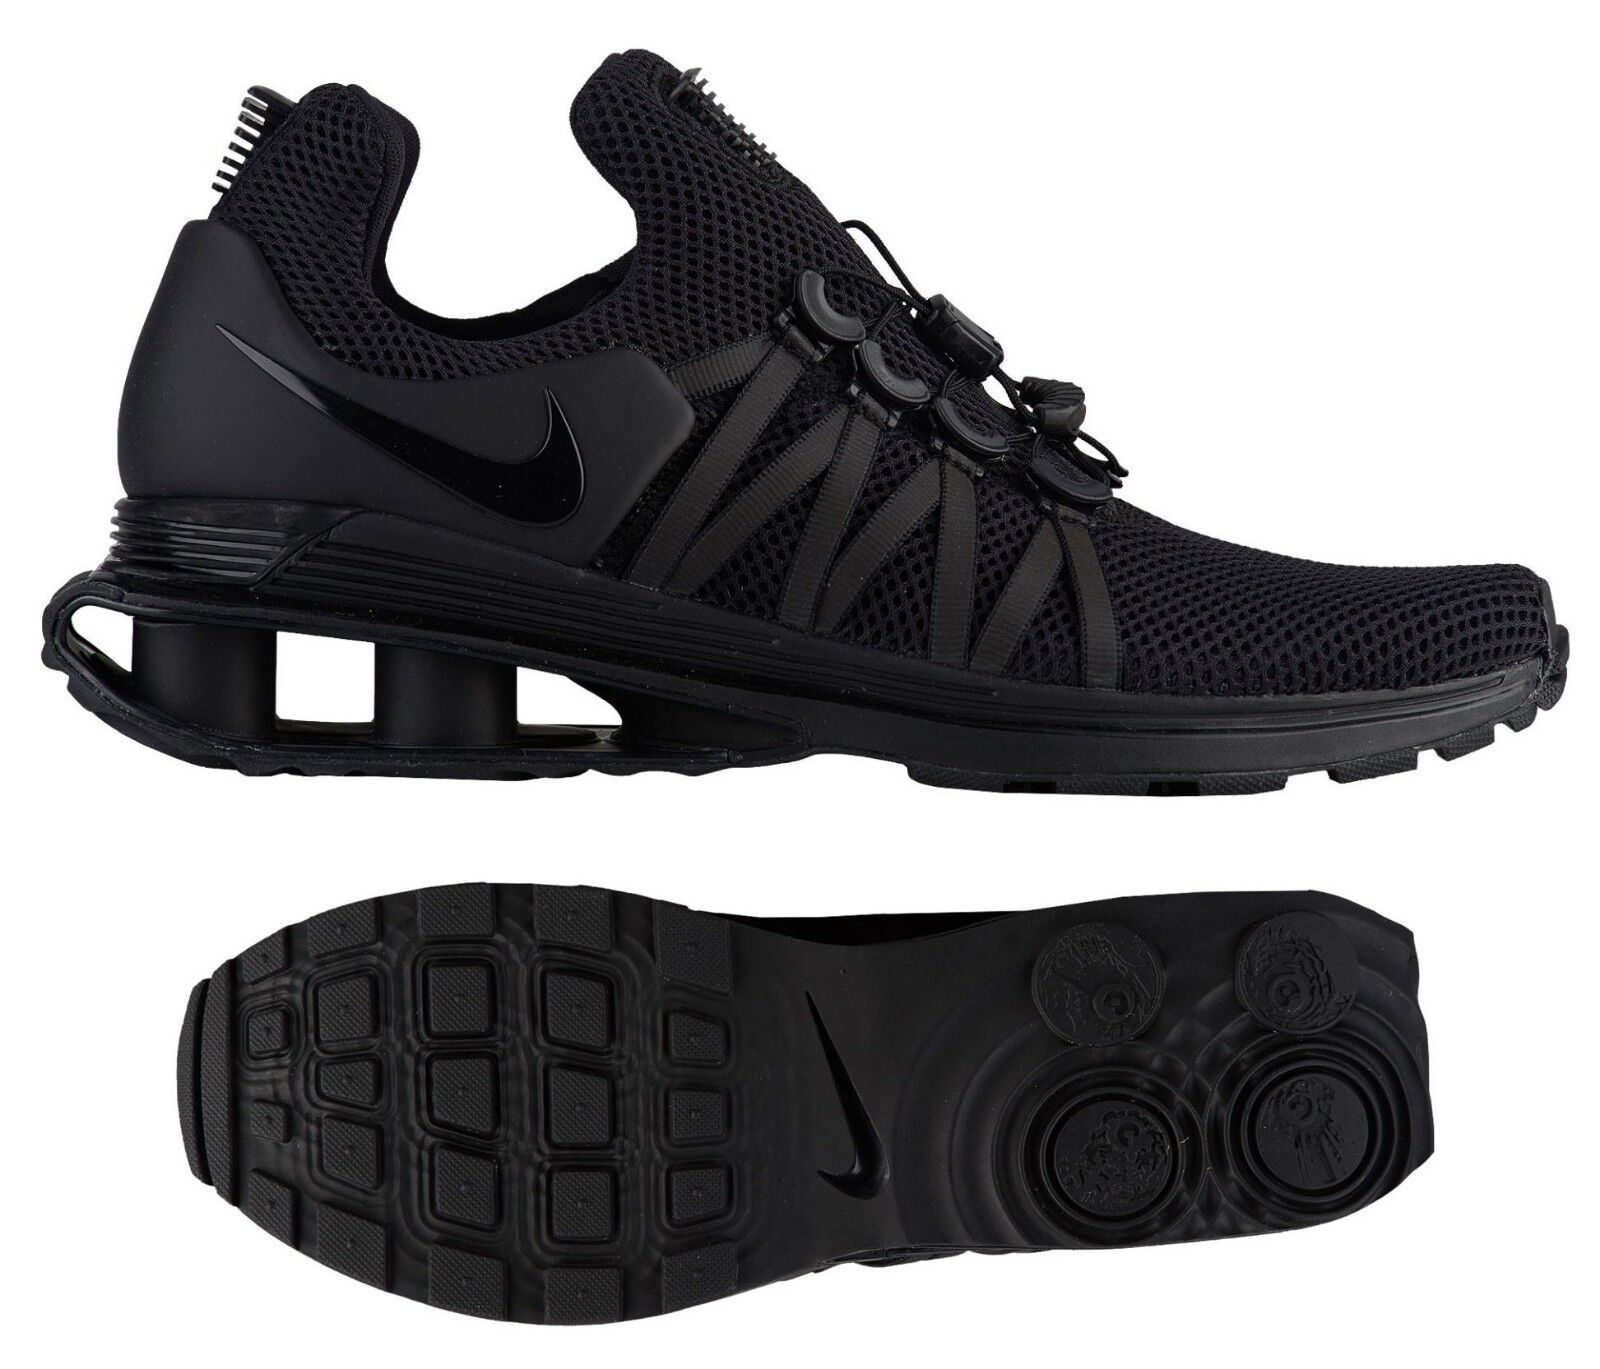 New NIKE Shox Gravity Sneaker Mens triple black size 8